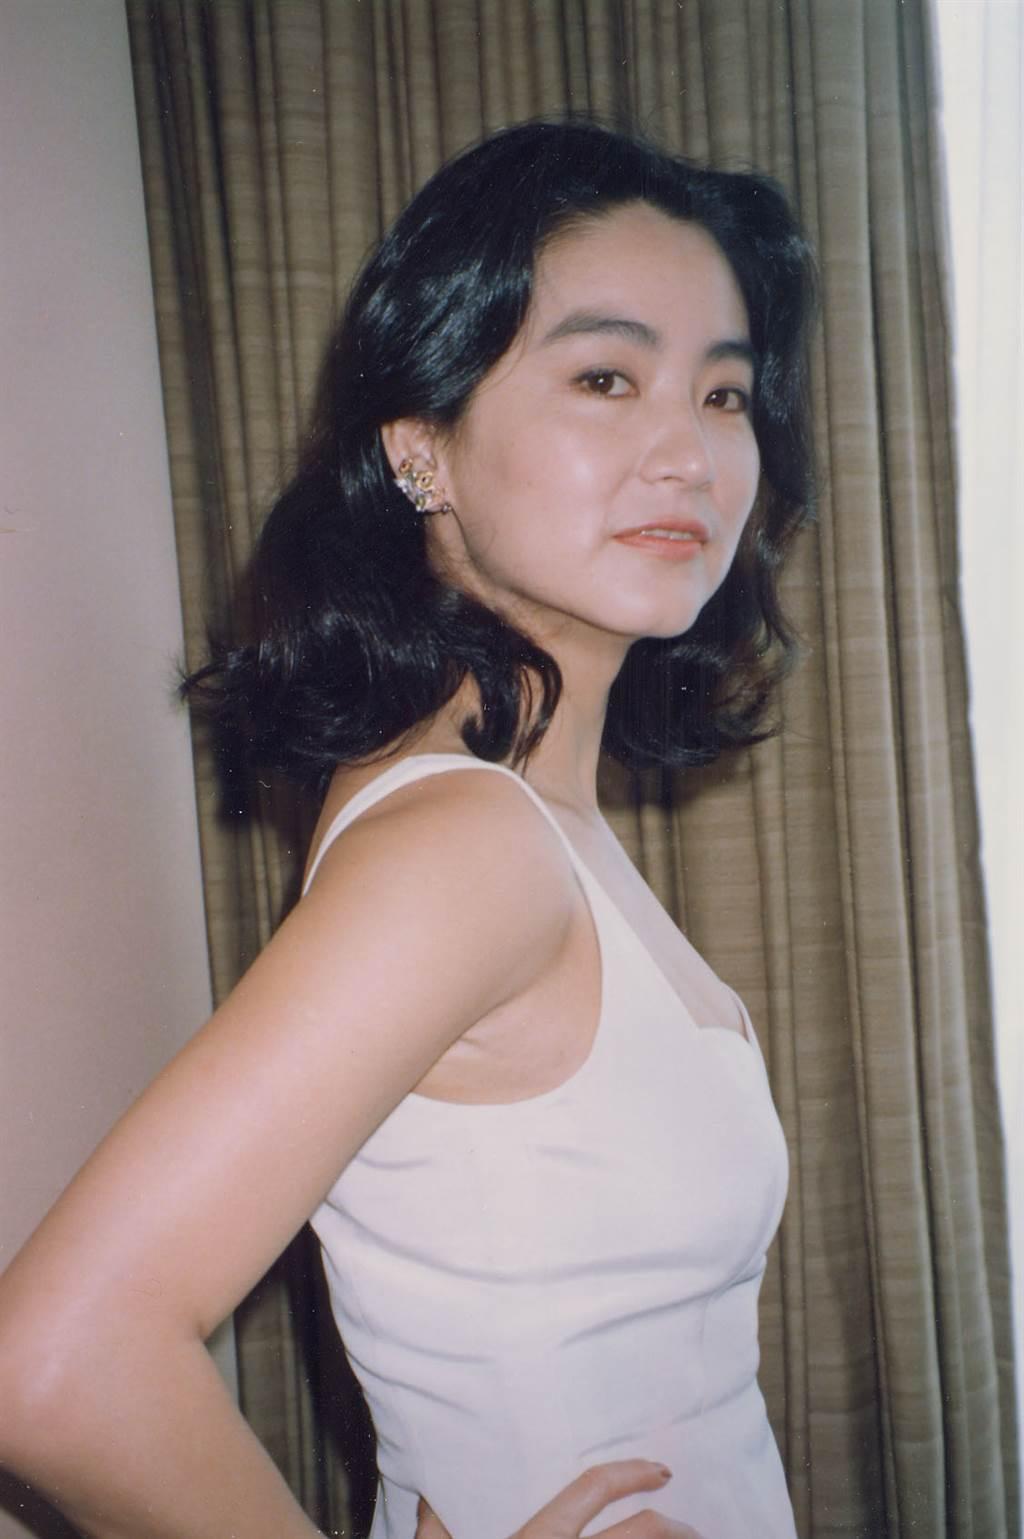 林青霞日前才被PTT鄉民討論,認為她是百年難得一見的美人。(本報系資料照)